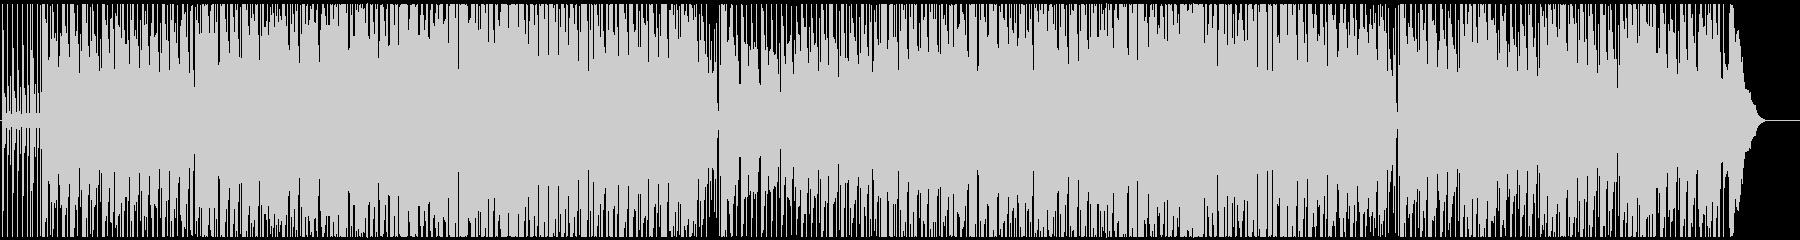 【生演奏】ほのぼのアコースティックBGMの未再生の波形